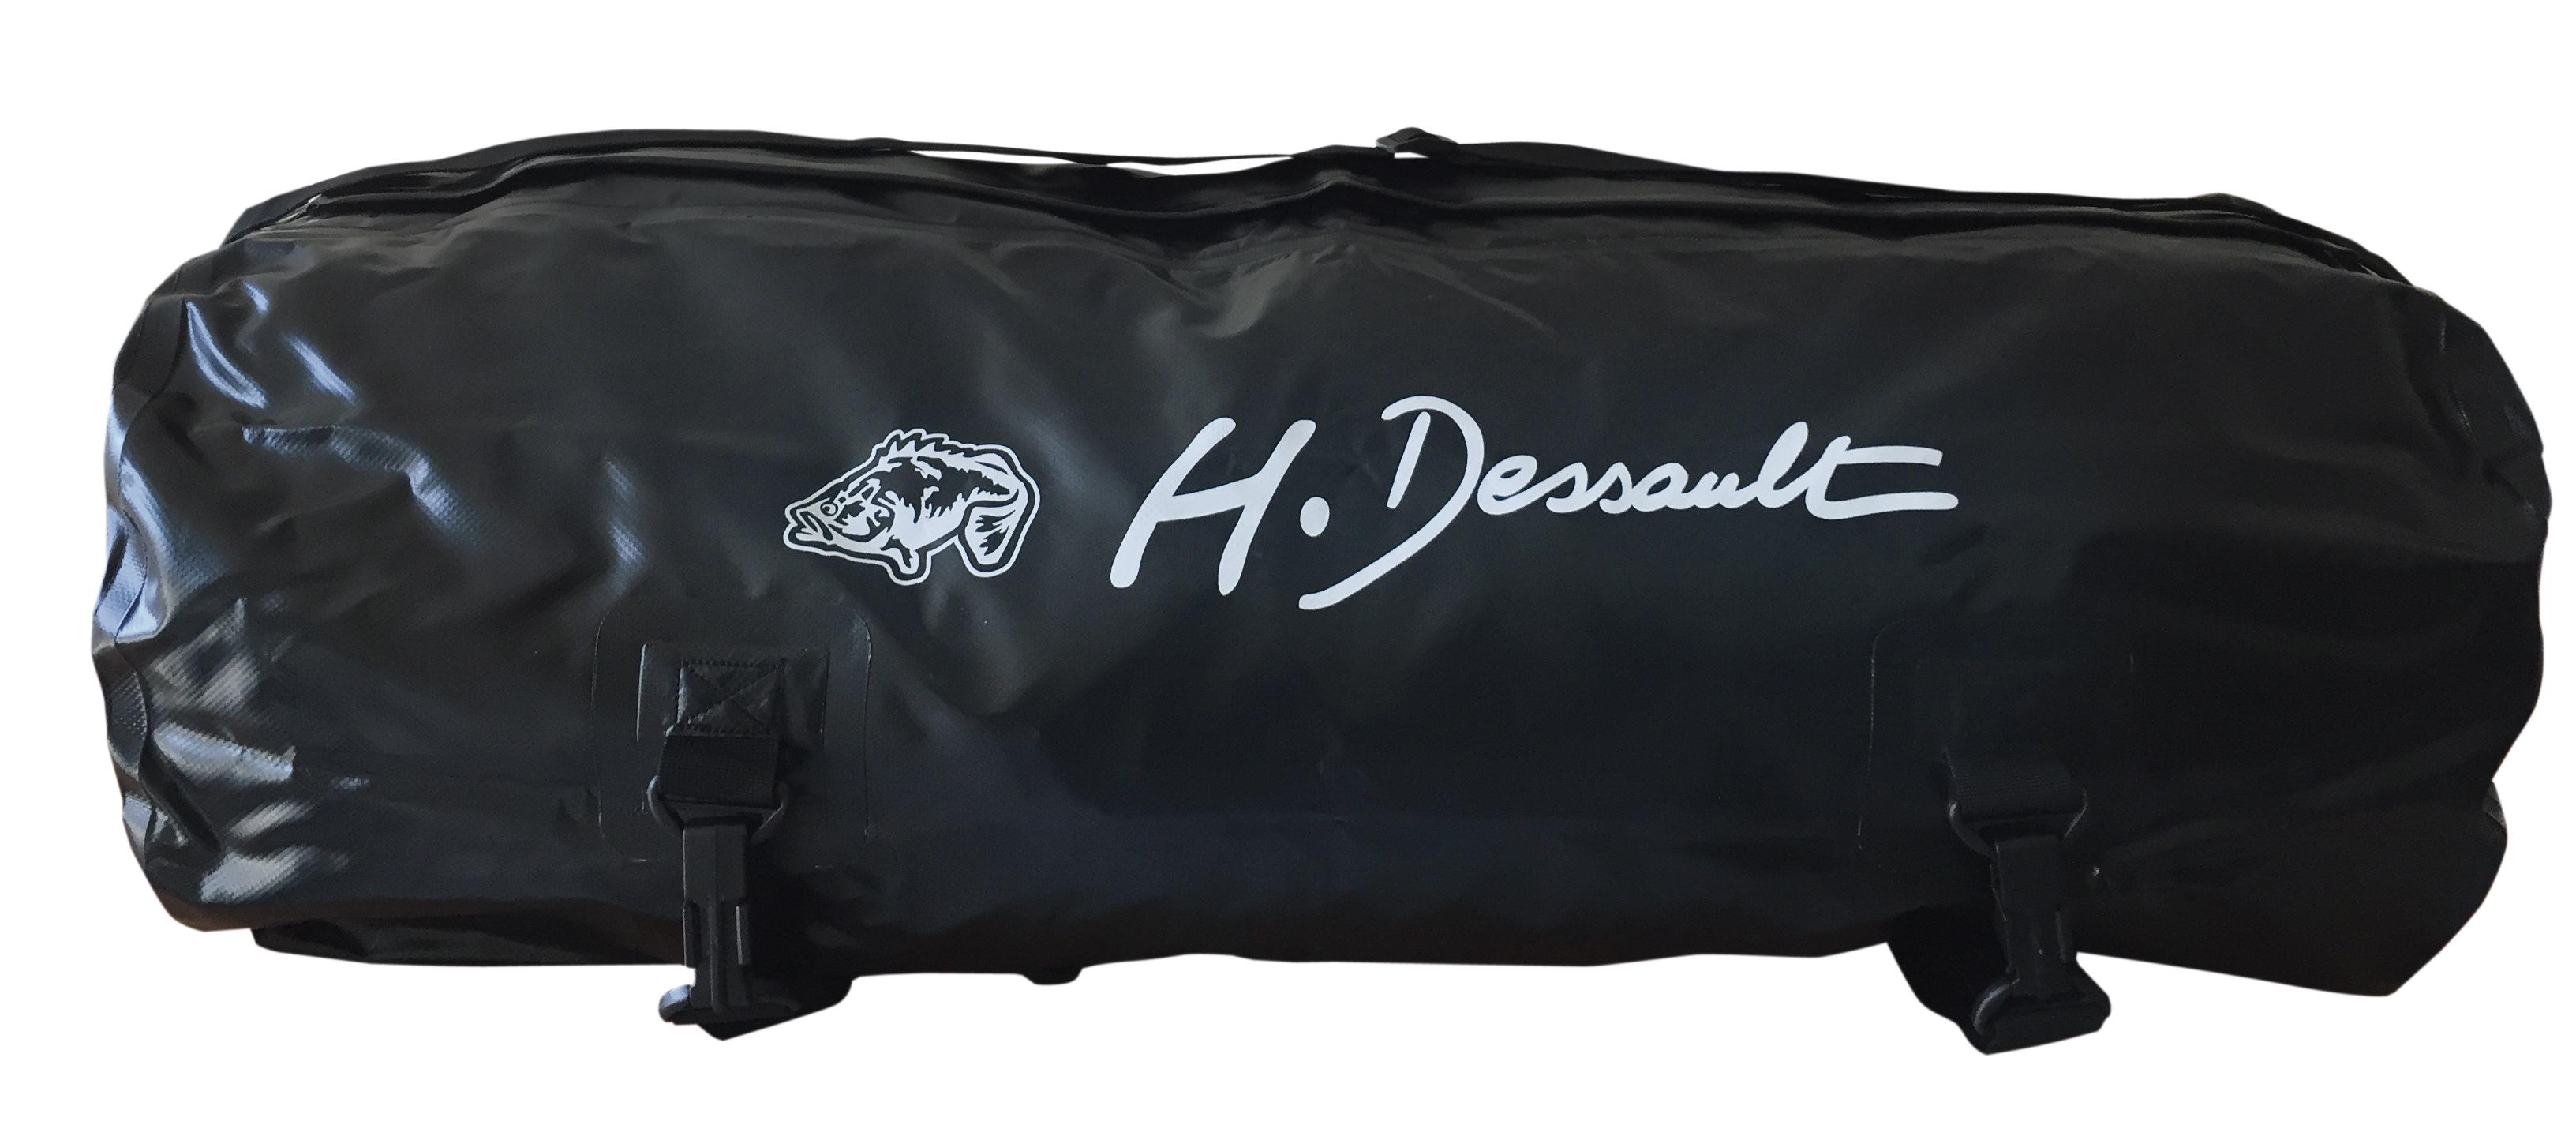 Сух сак за подводен риболов APNEA - H.Dessault